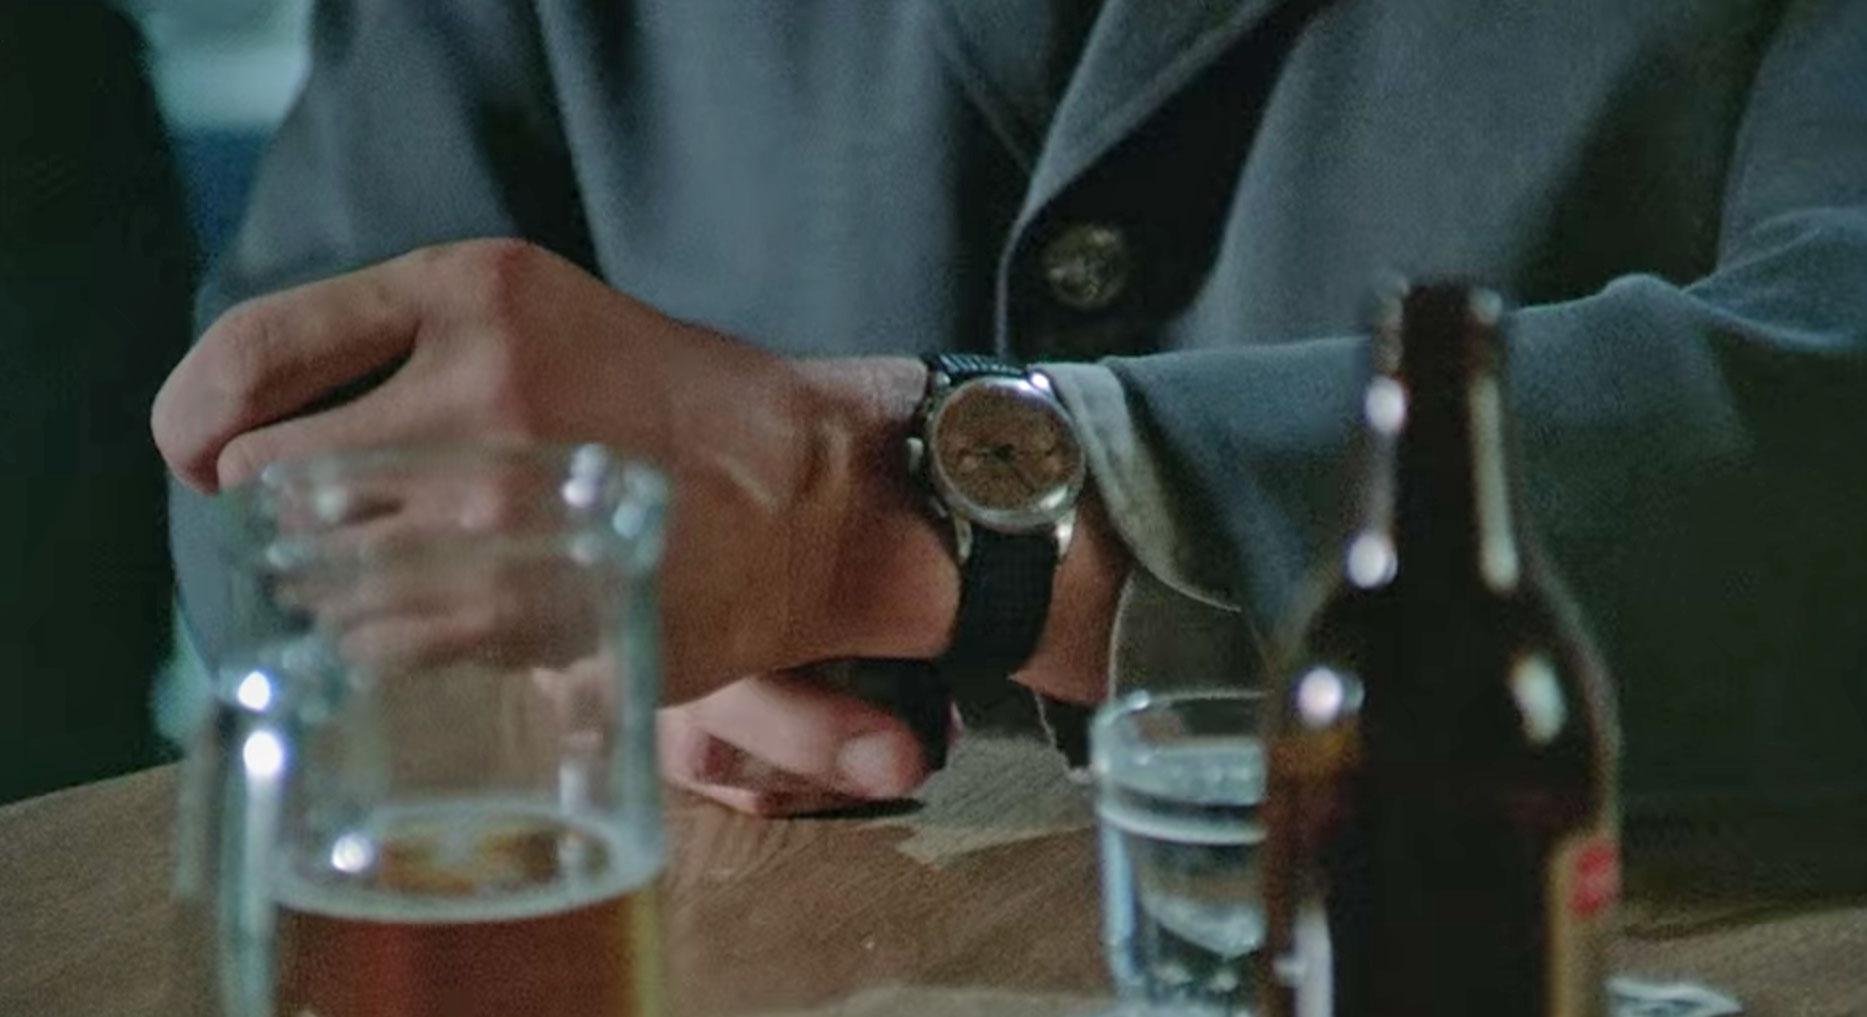 Red Heat arnie watch exchange